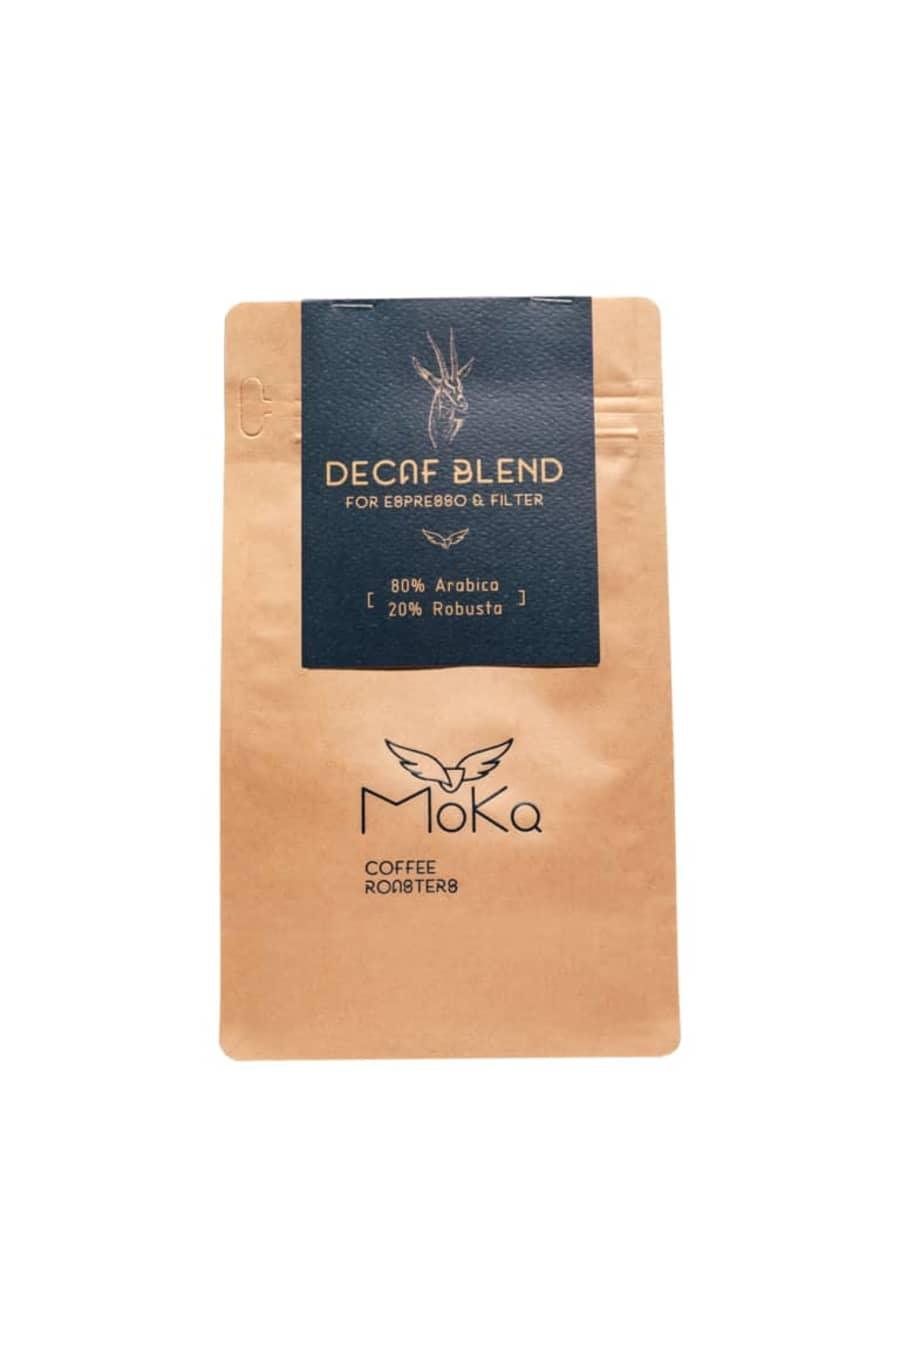 Decaf Blend | Moka Coffee Roasters